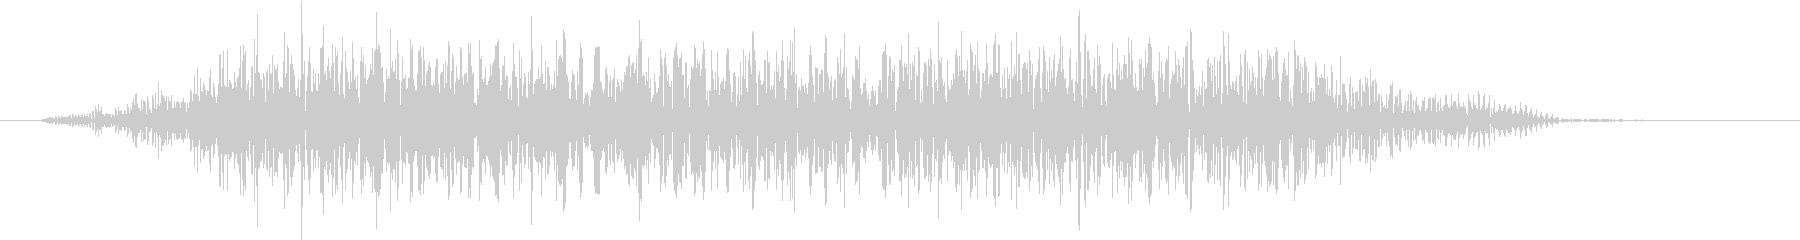 モンスター 悲鳴 46の未再生の波形